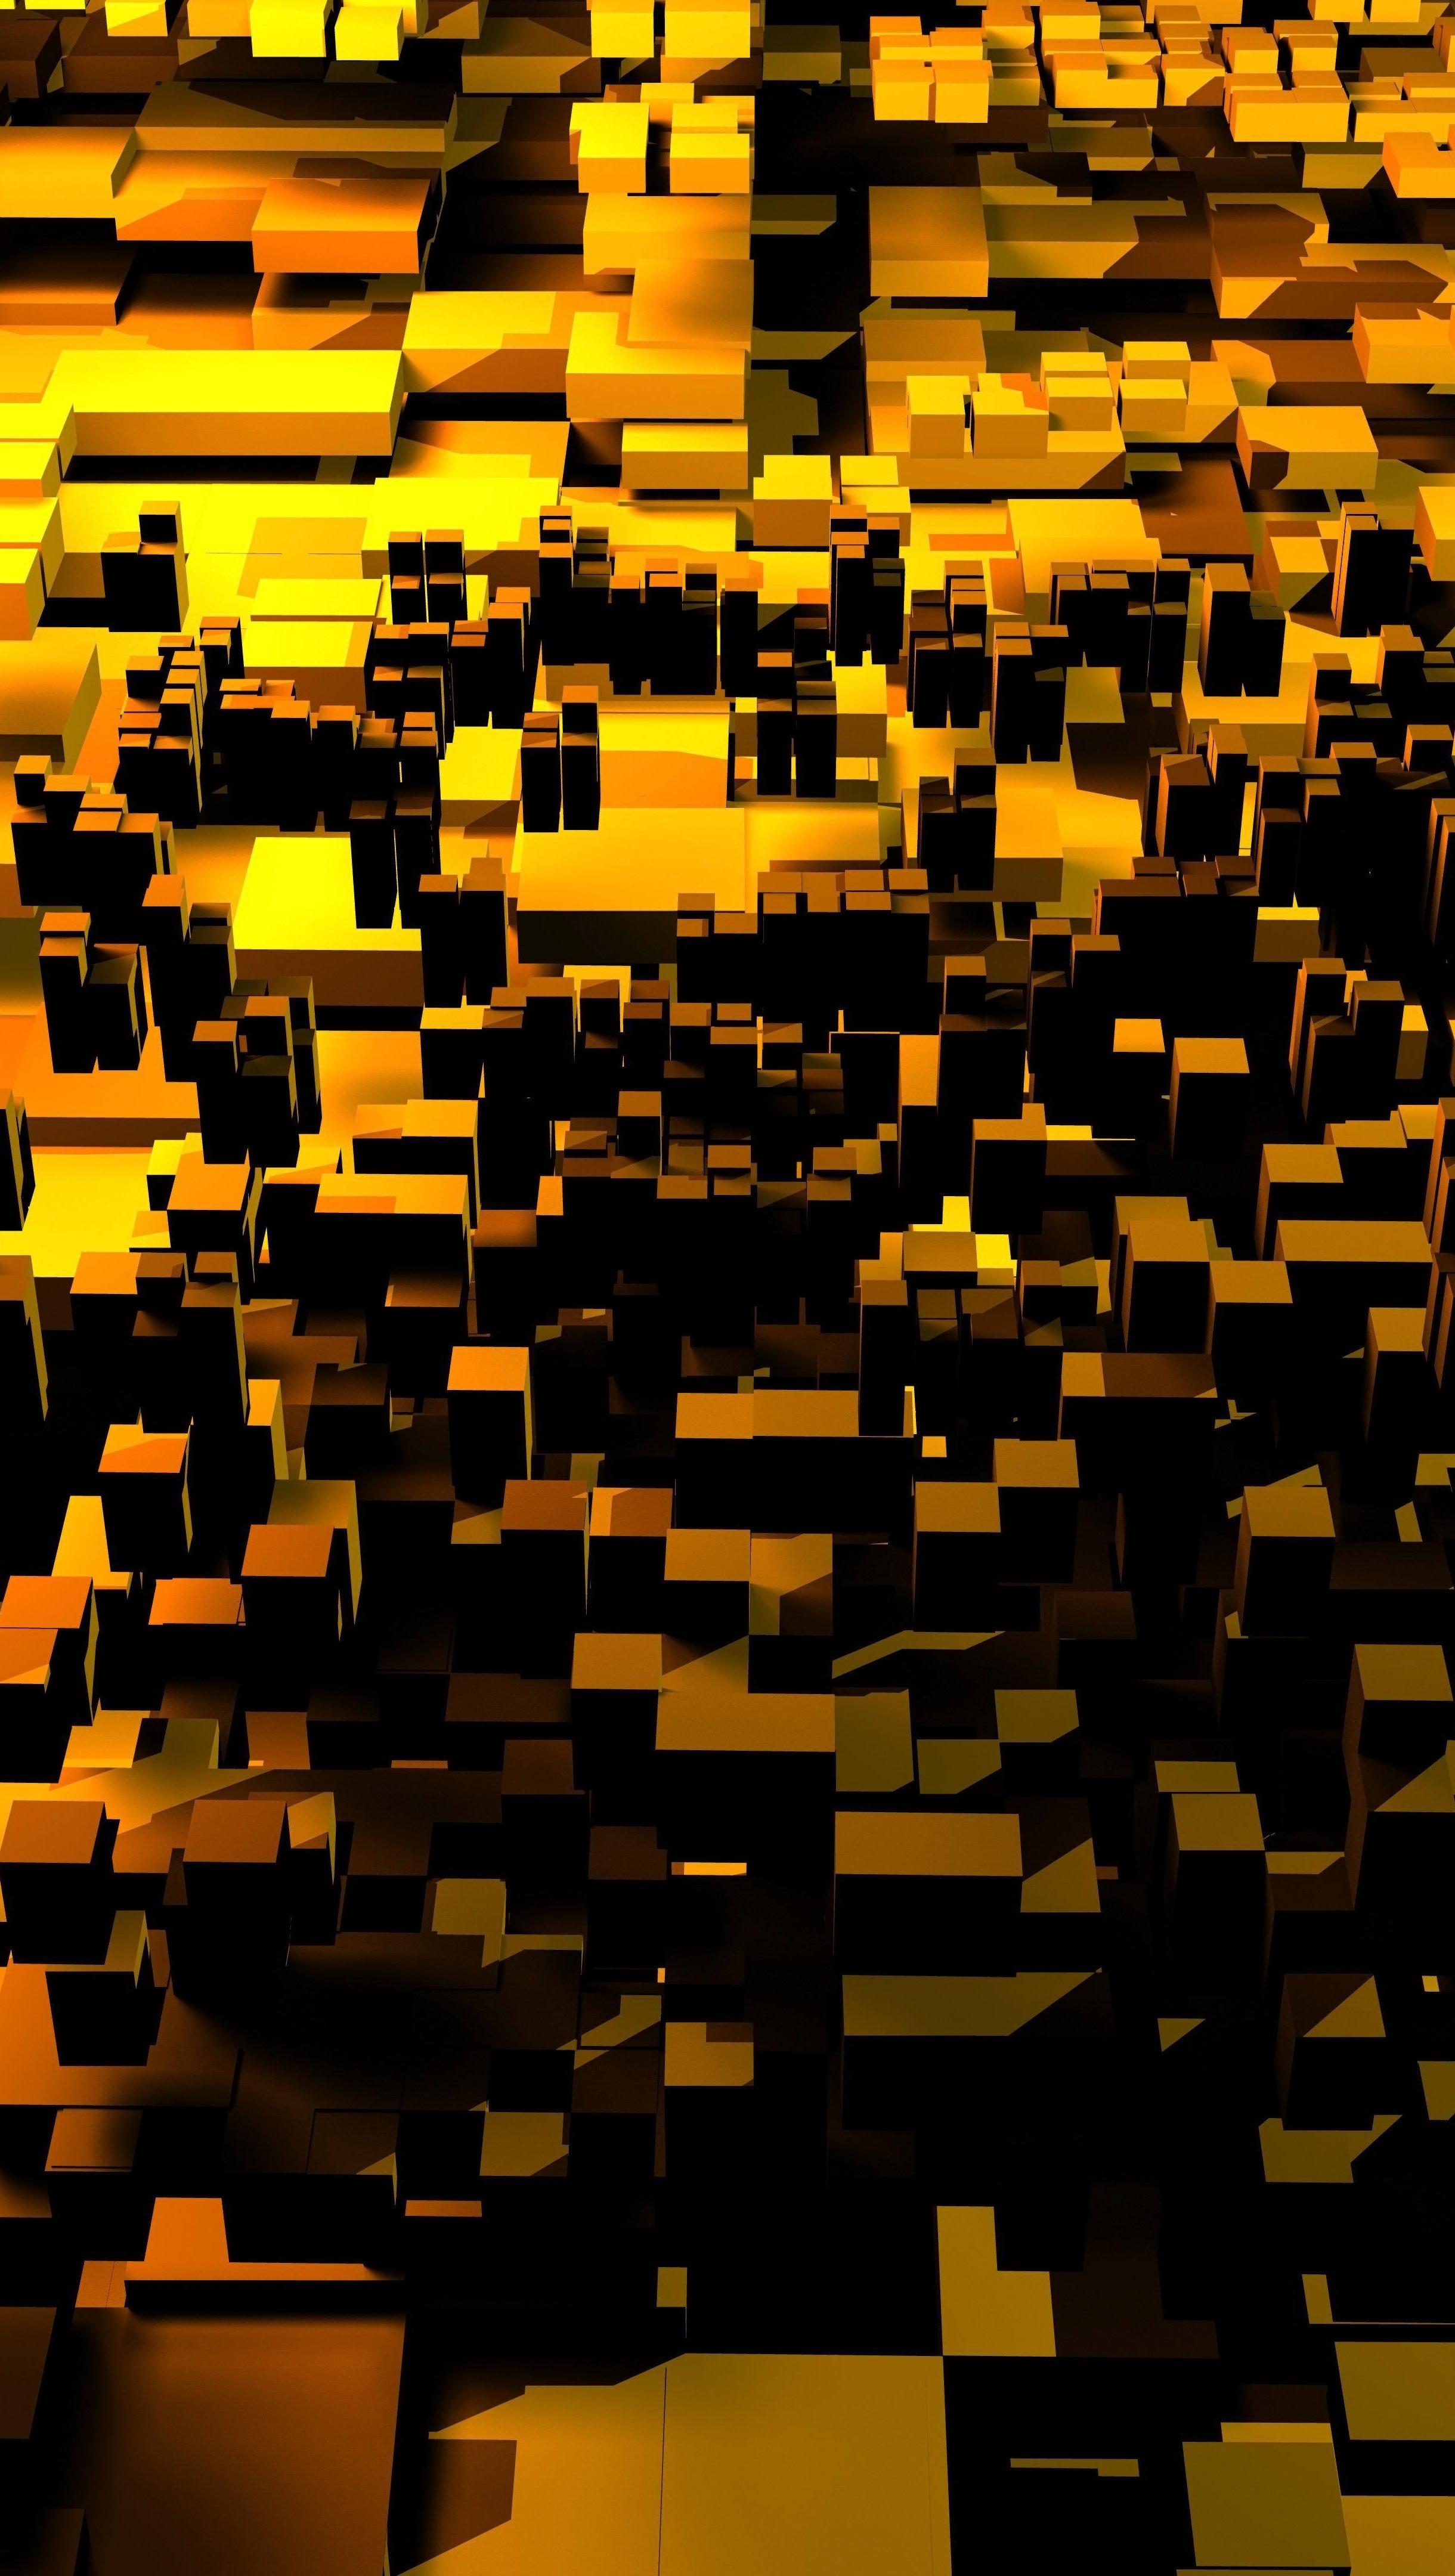 Fondos de pantalla Cubos abstractos dorados 3D Vertical